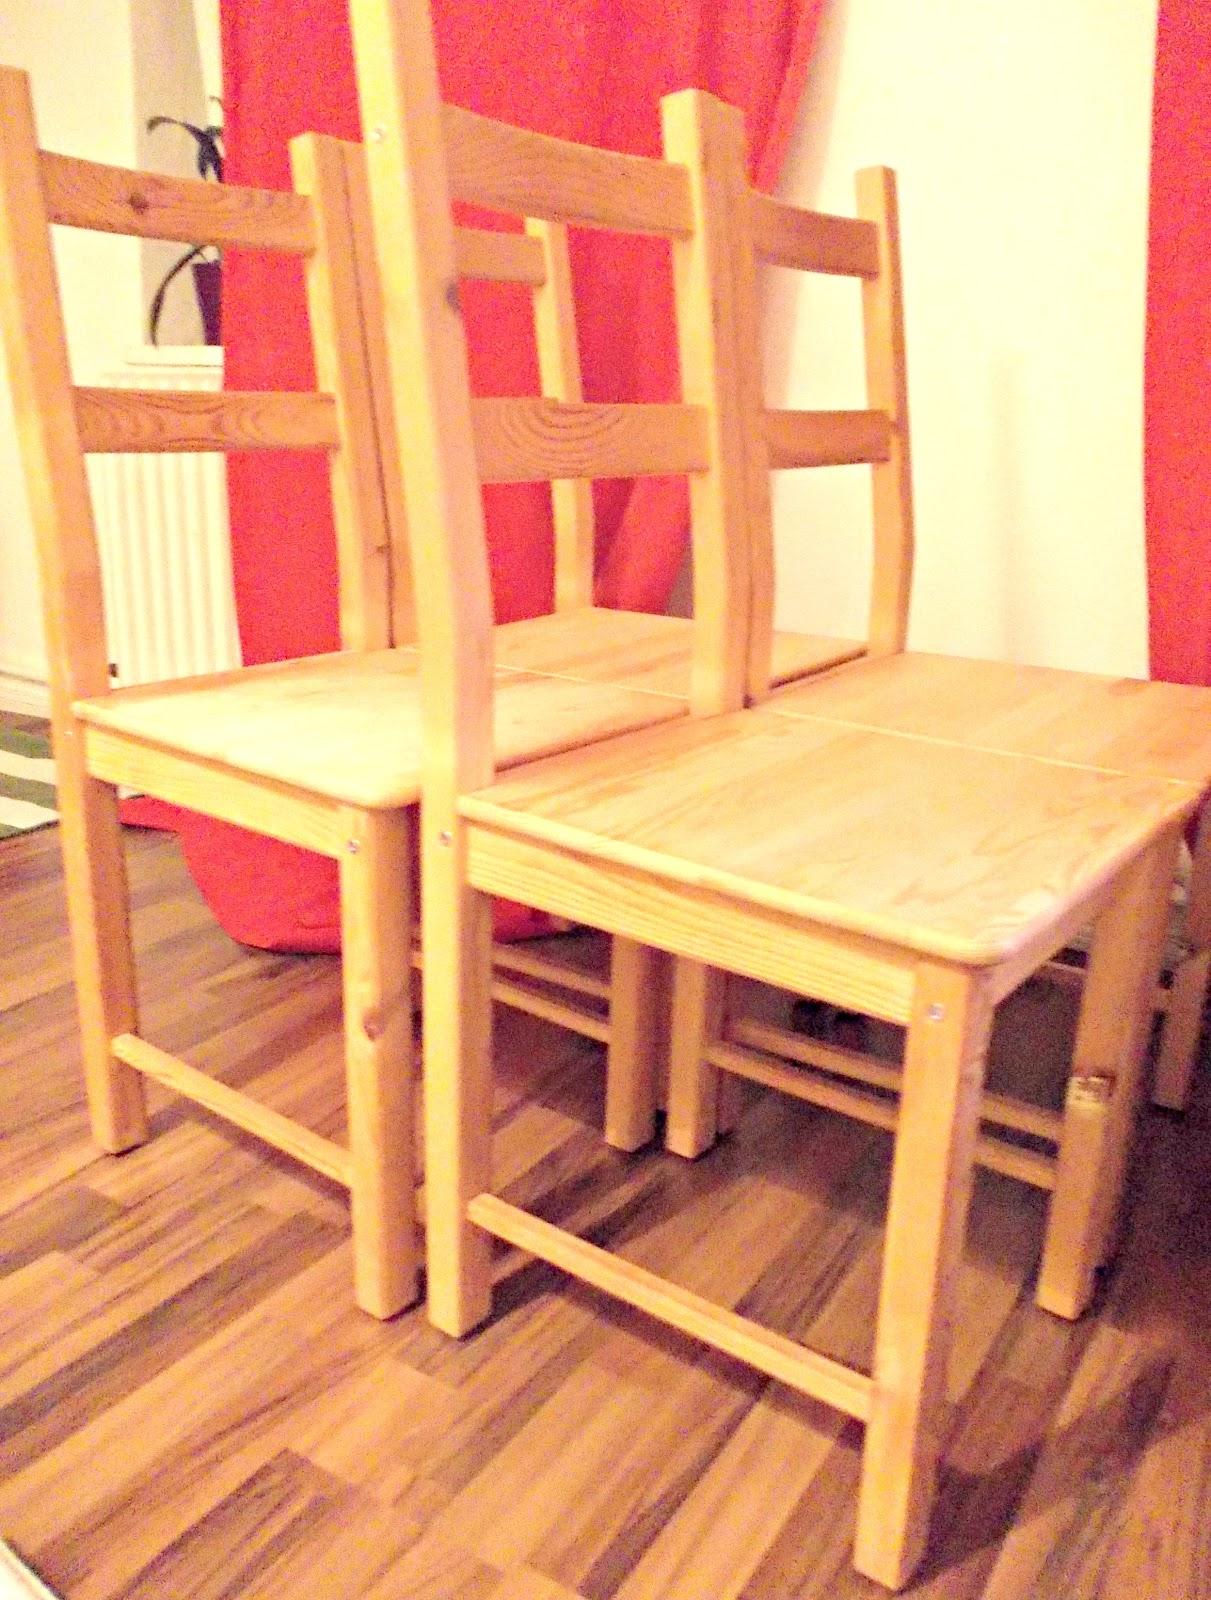 Schreibtischstuhl ikea lila  Schreibtisch Stuhl Kinder Ikea: Schminktisch ikea schubladen u2013 ...